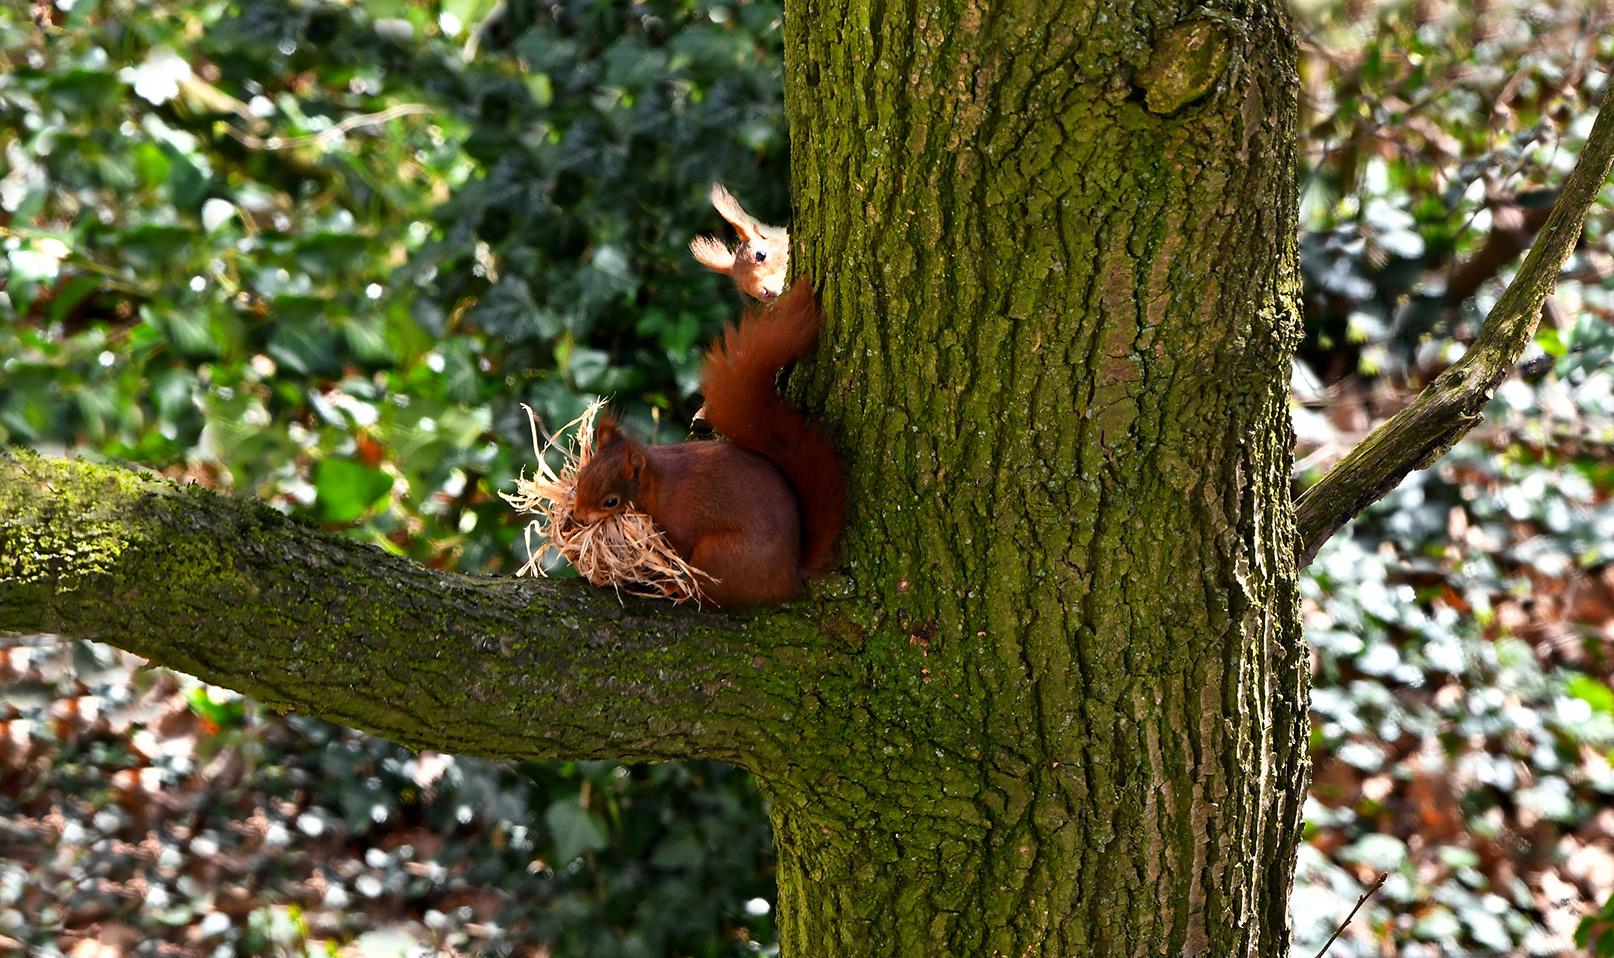 De kop van het mannetje is nog net zichtbaar boven de staart - Foto: ©Louis Fraanje